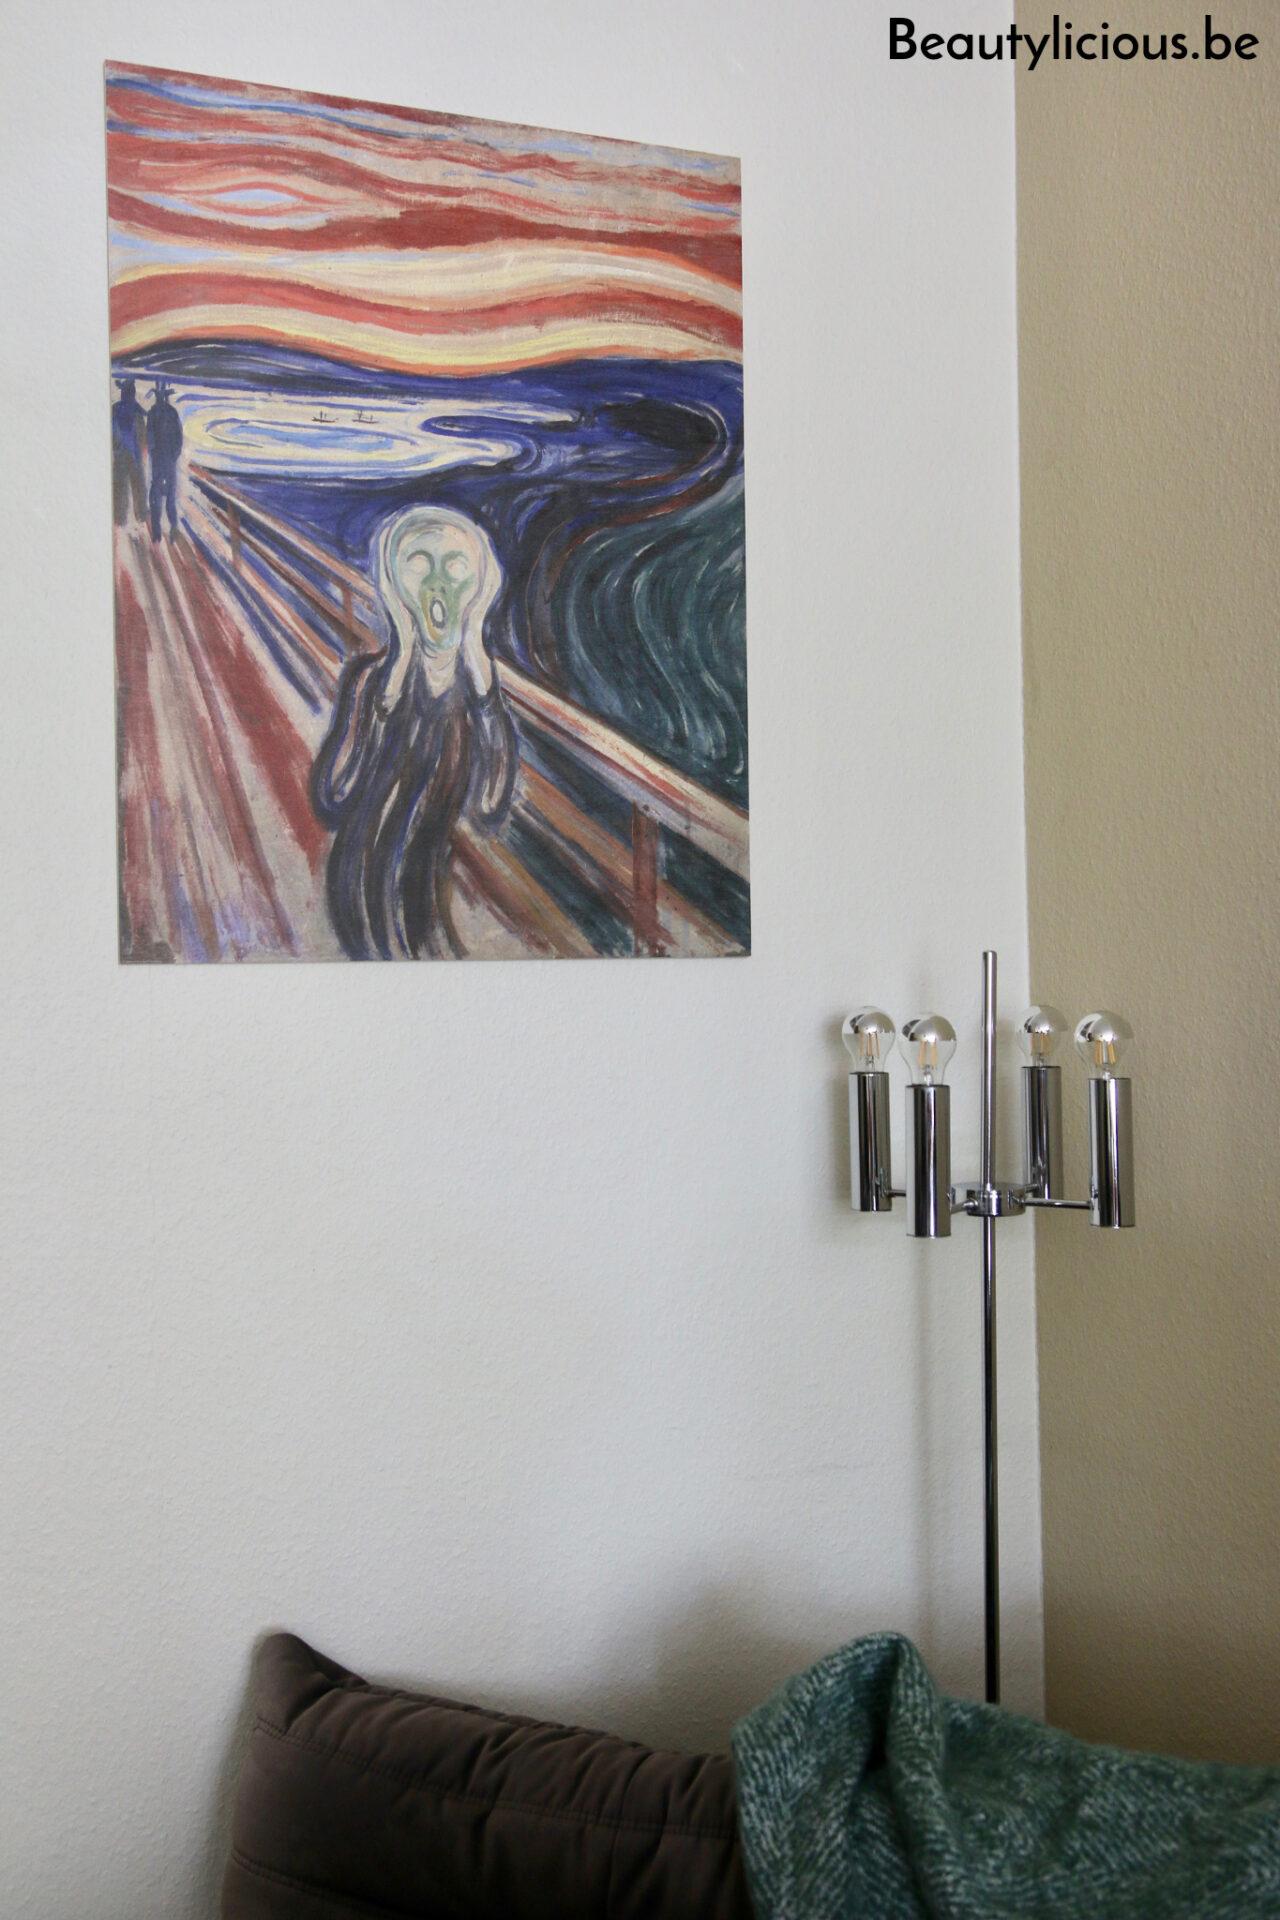 Le Cri de Munch en impression sur bois de Posterlounge